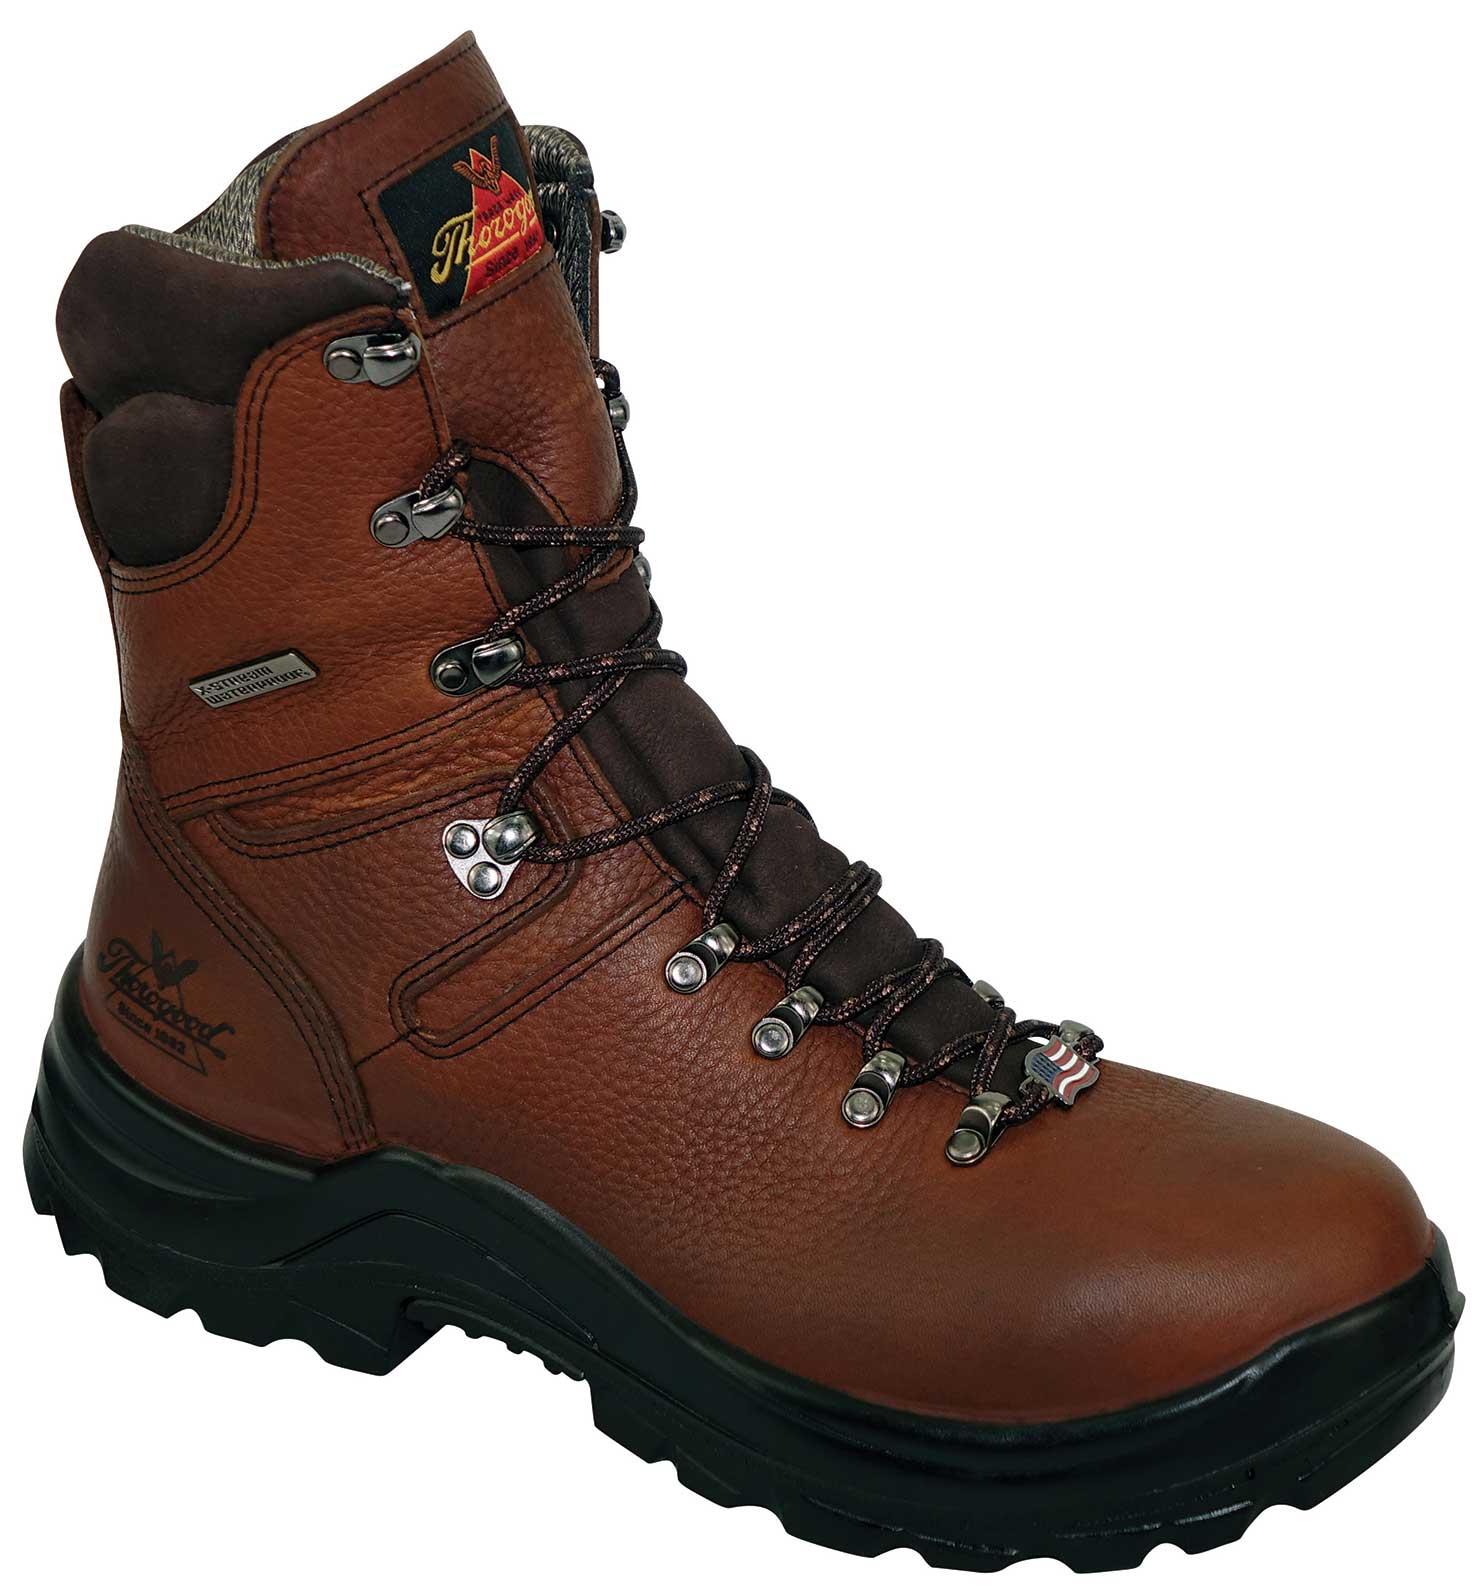 83a5c07dcf0 Thorogood Men's Brown Steel Toe EH Waterproof Boot